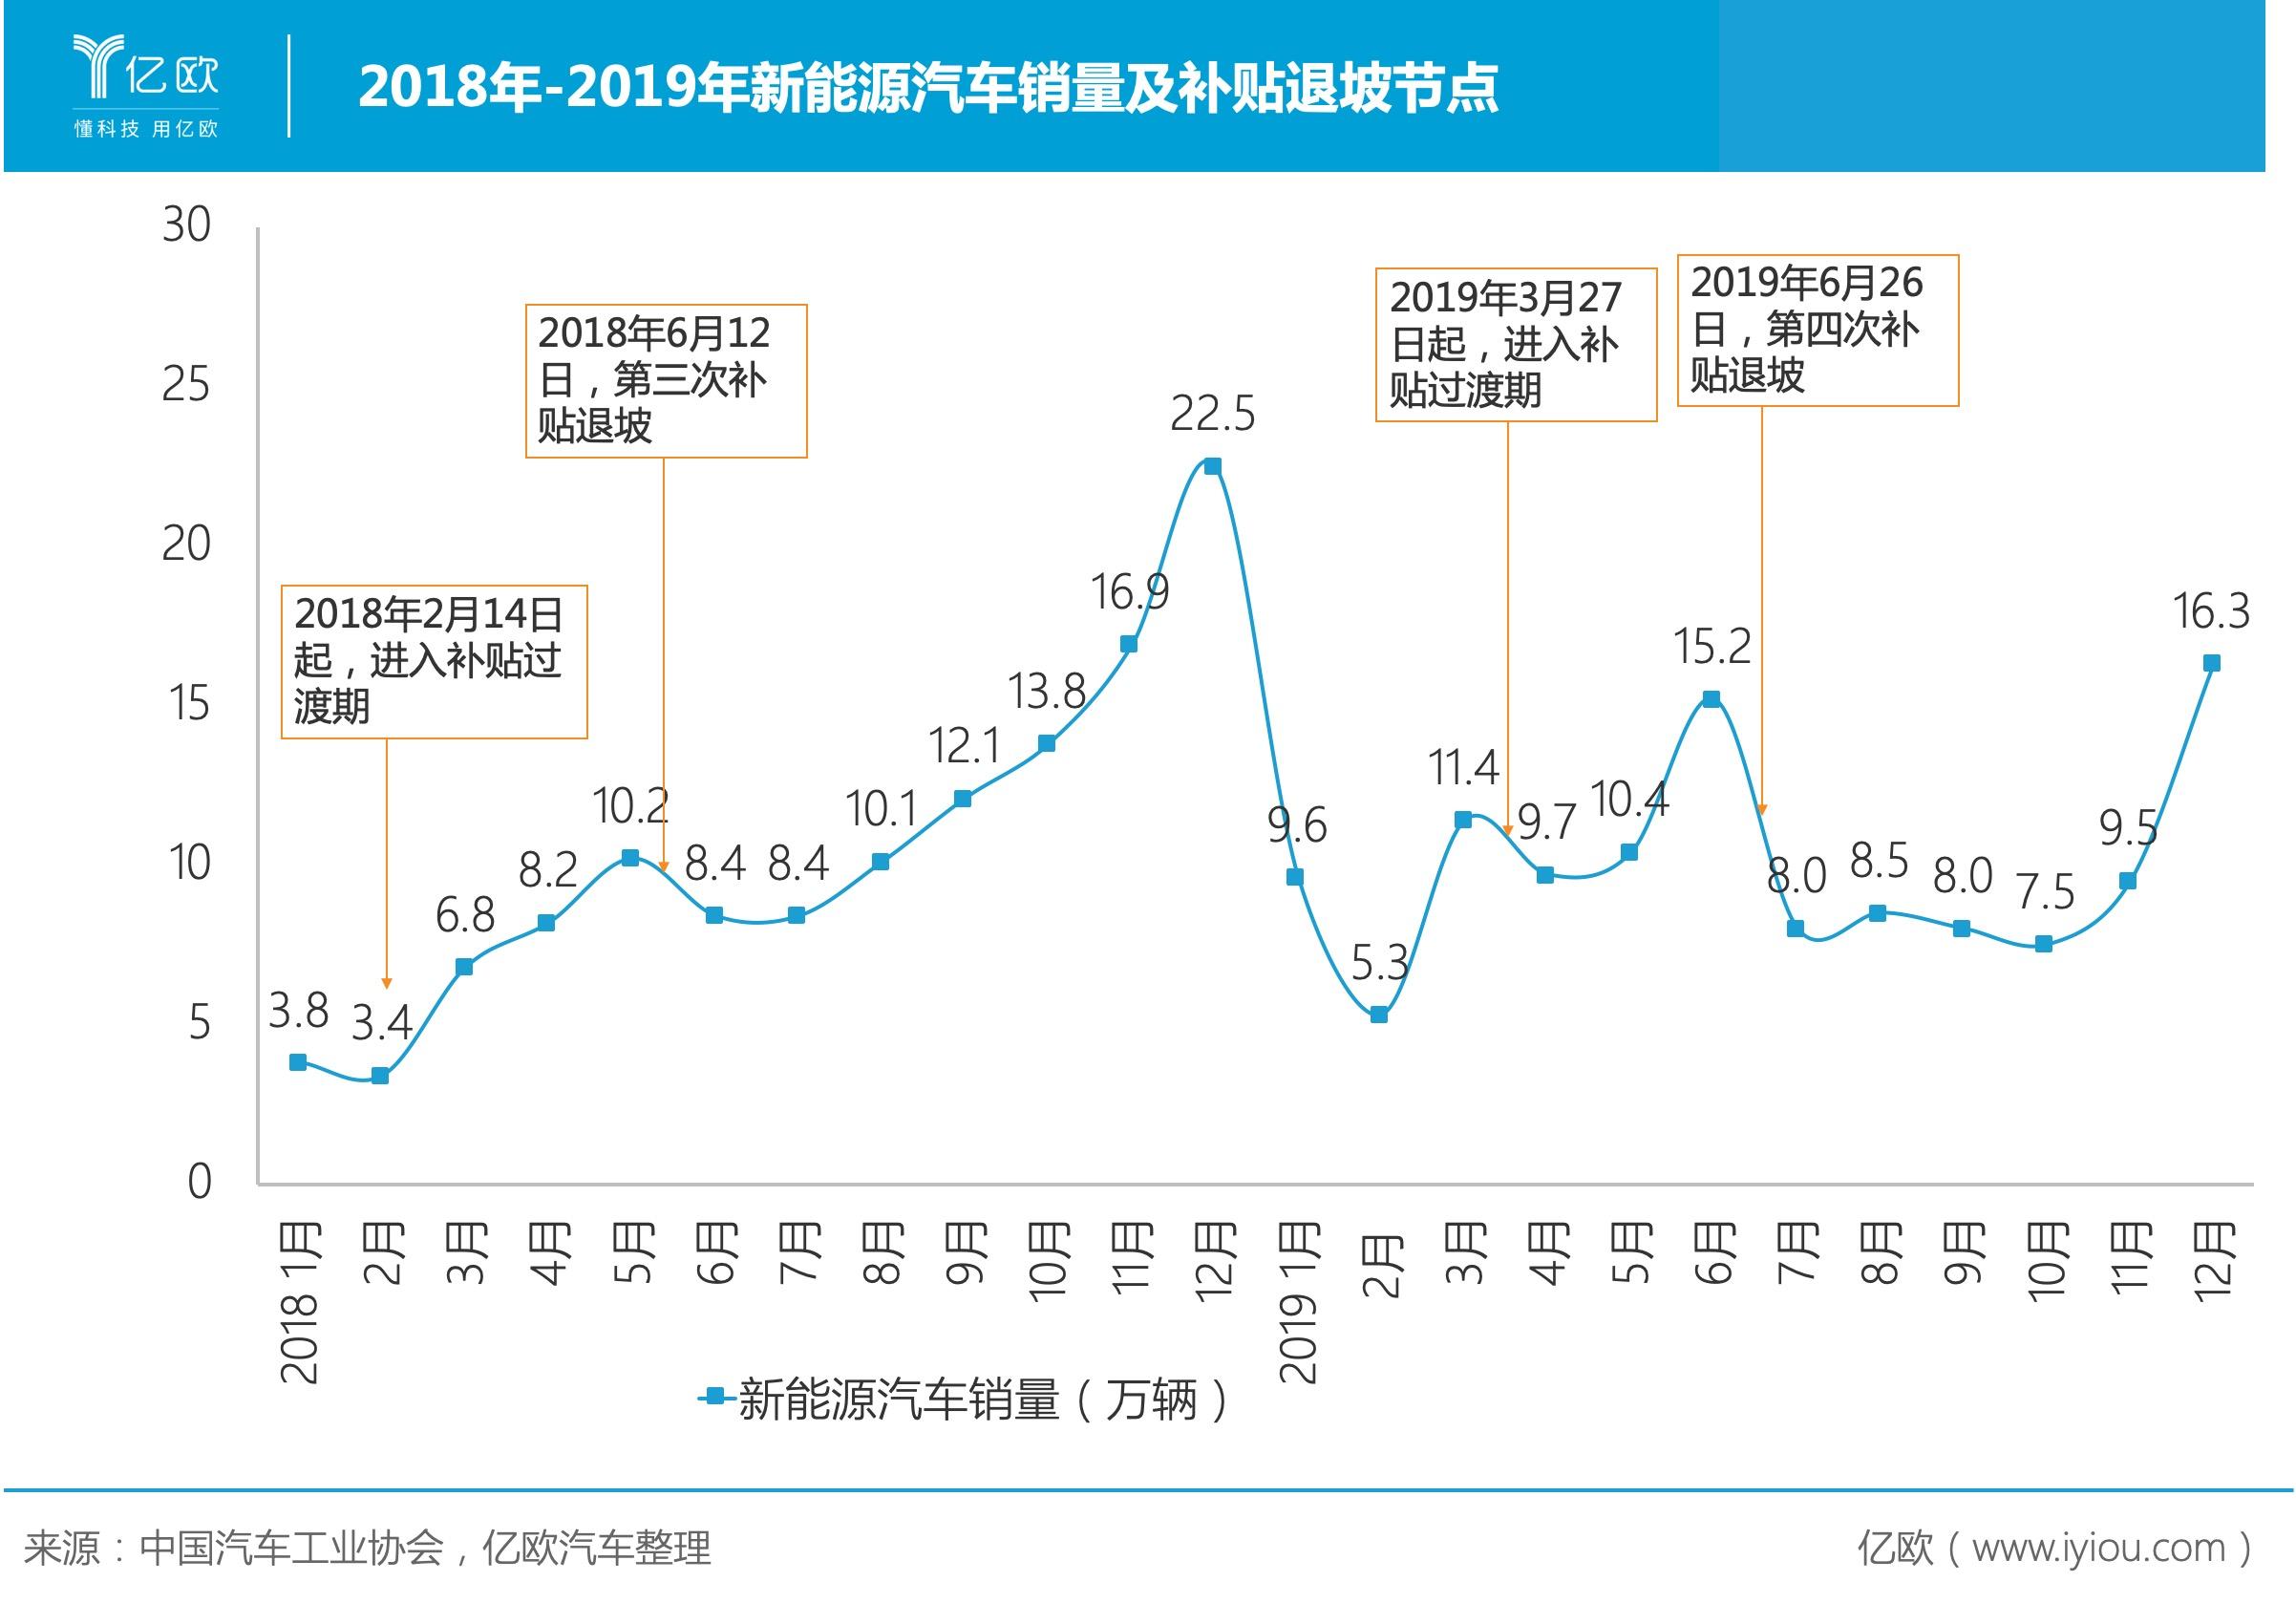 2018-2019新能源销量及补贴退坡节点